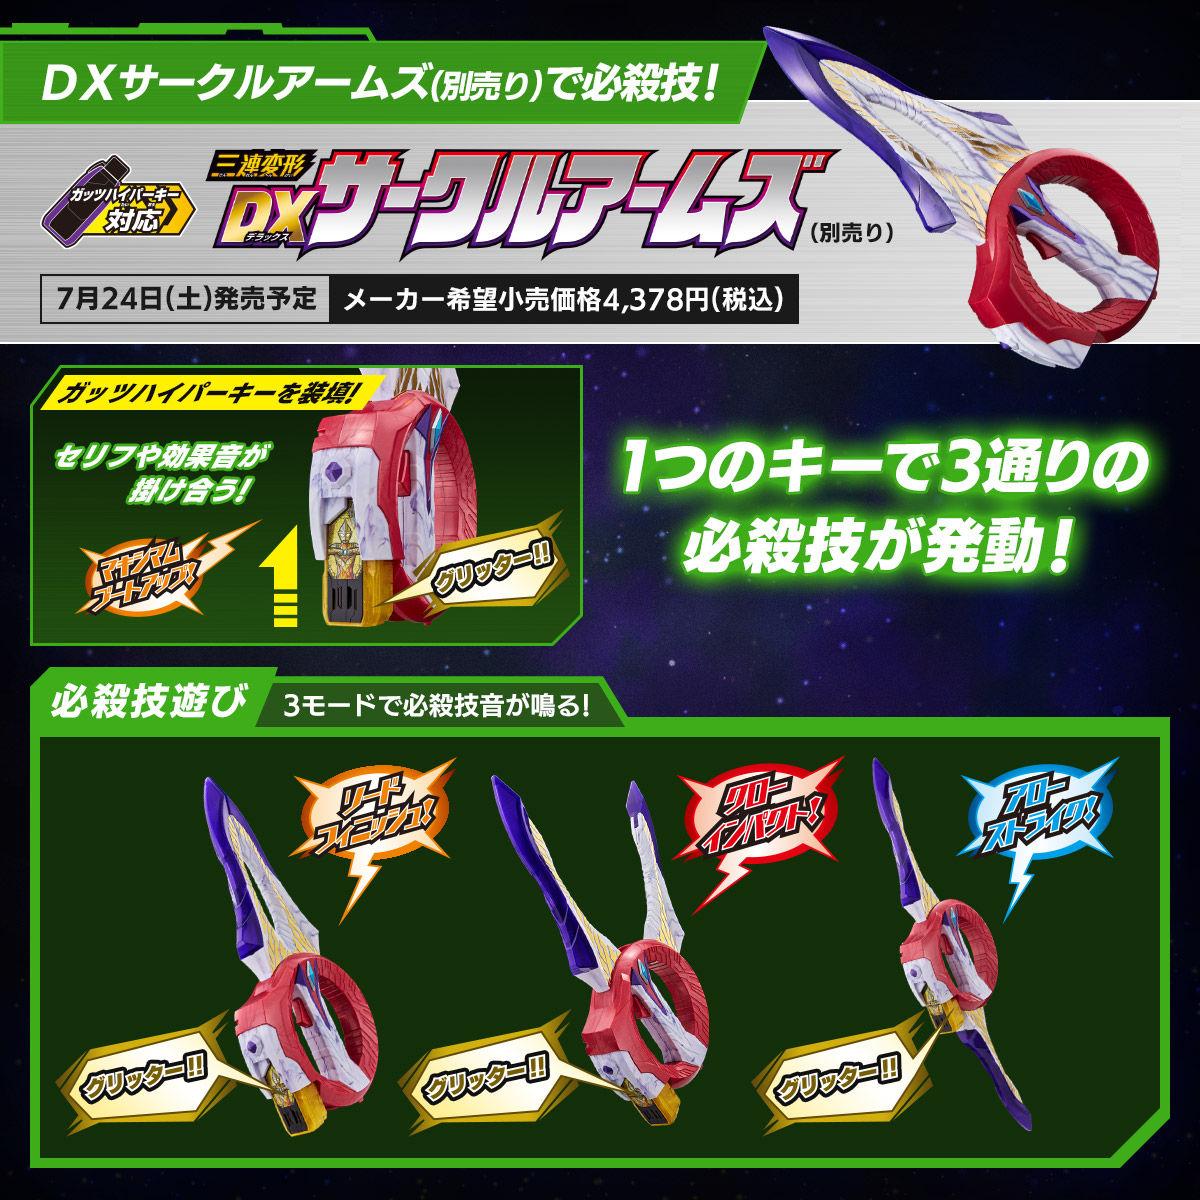 【限定販売】DXガッツハイパーキー『ウルトラマンティガキーセット』ウルトラマントリガー 変身なりきり-005